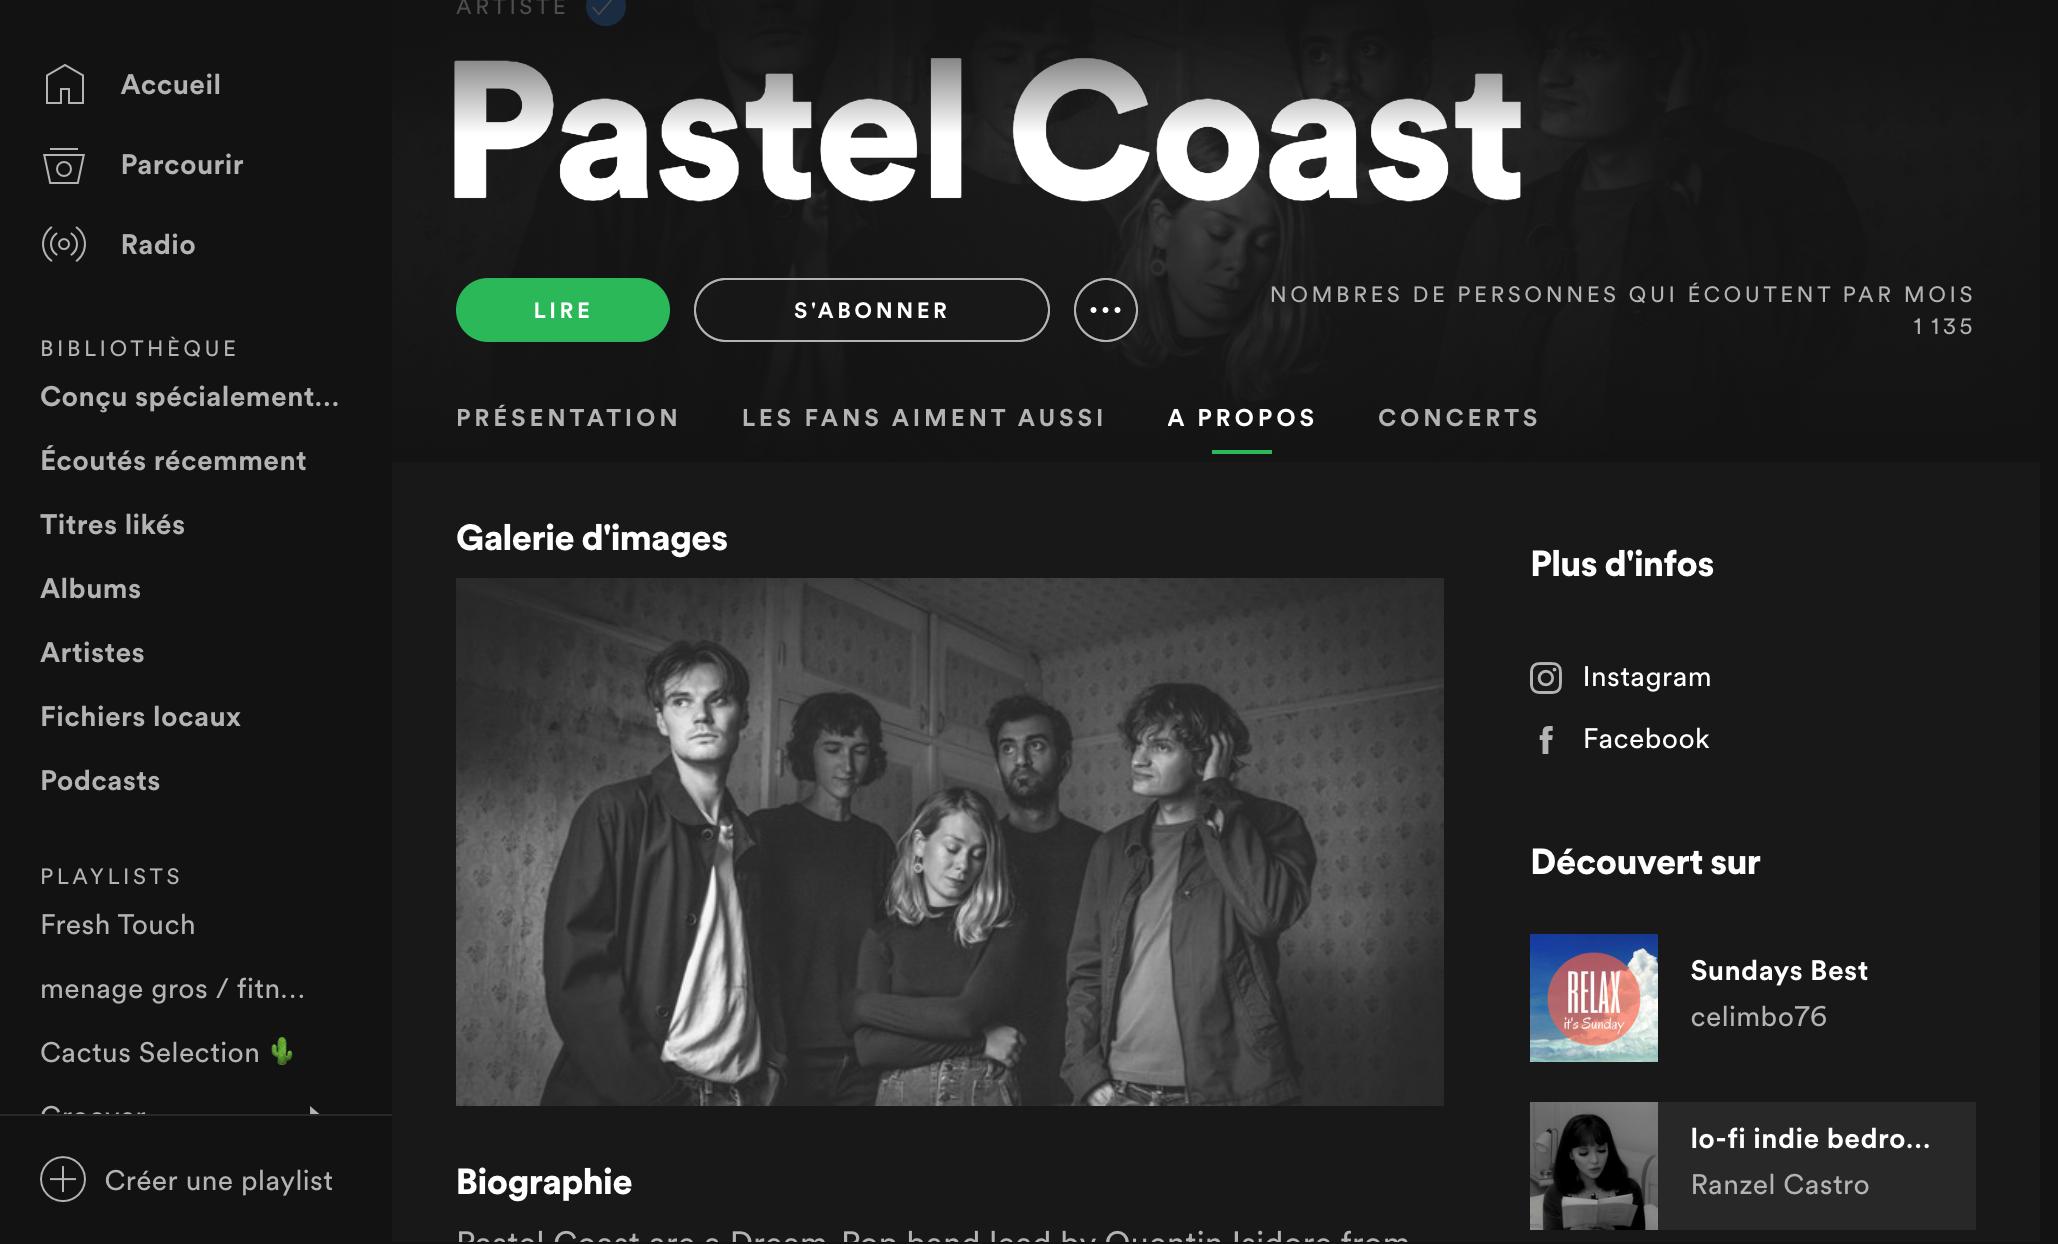 Exemples de playlists Spotify dans lesquelles sont apparus Pastel Coast